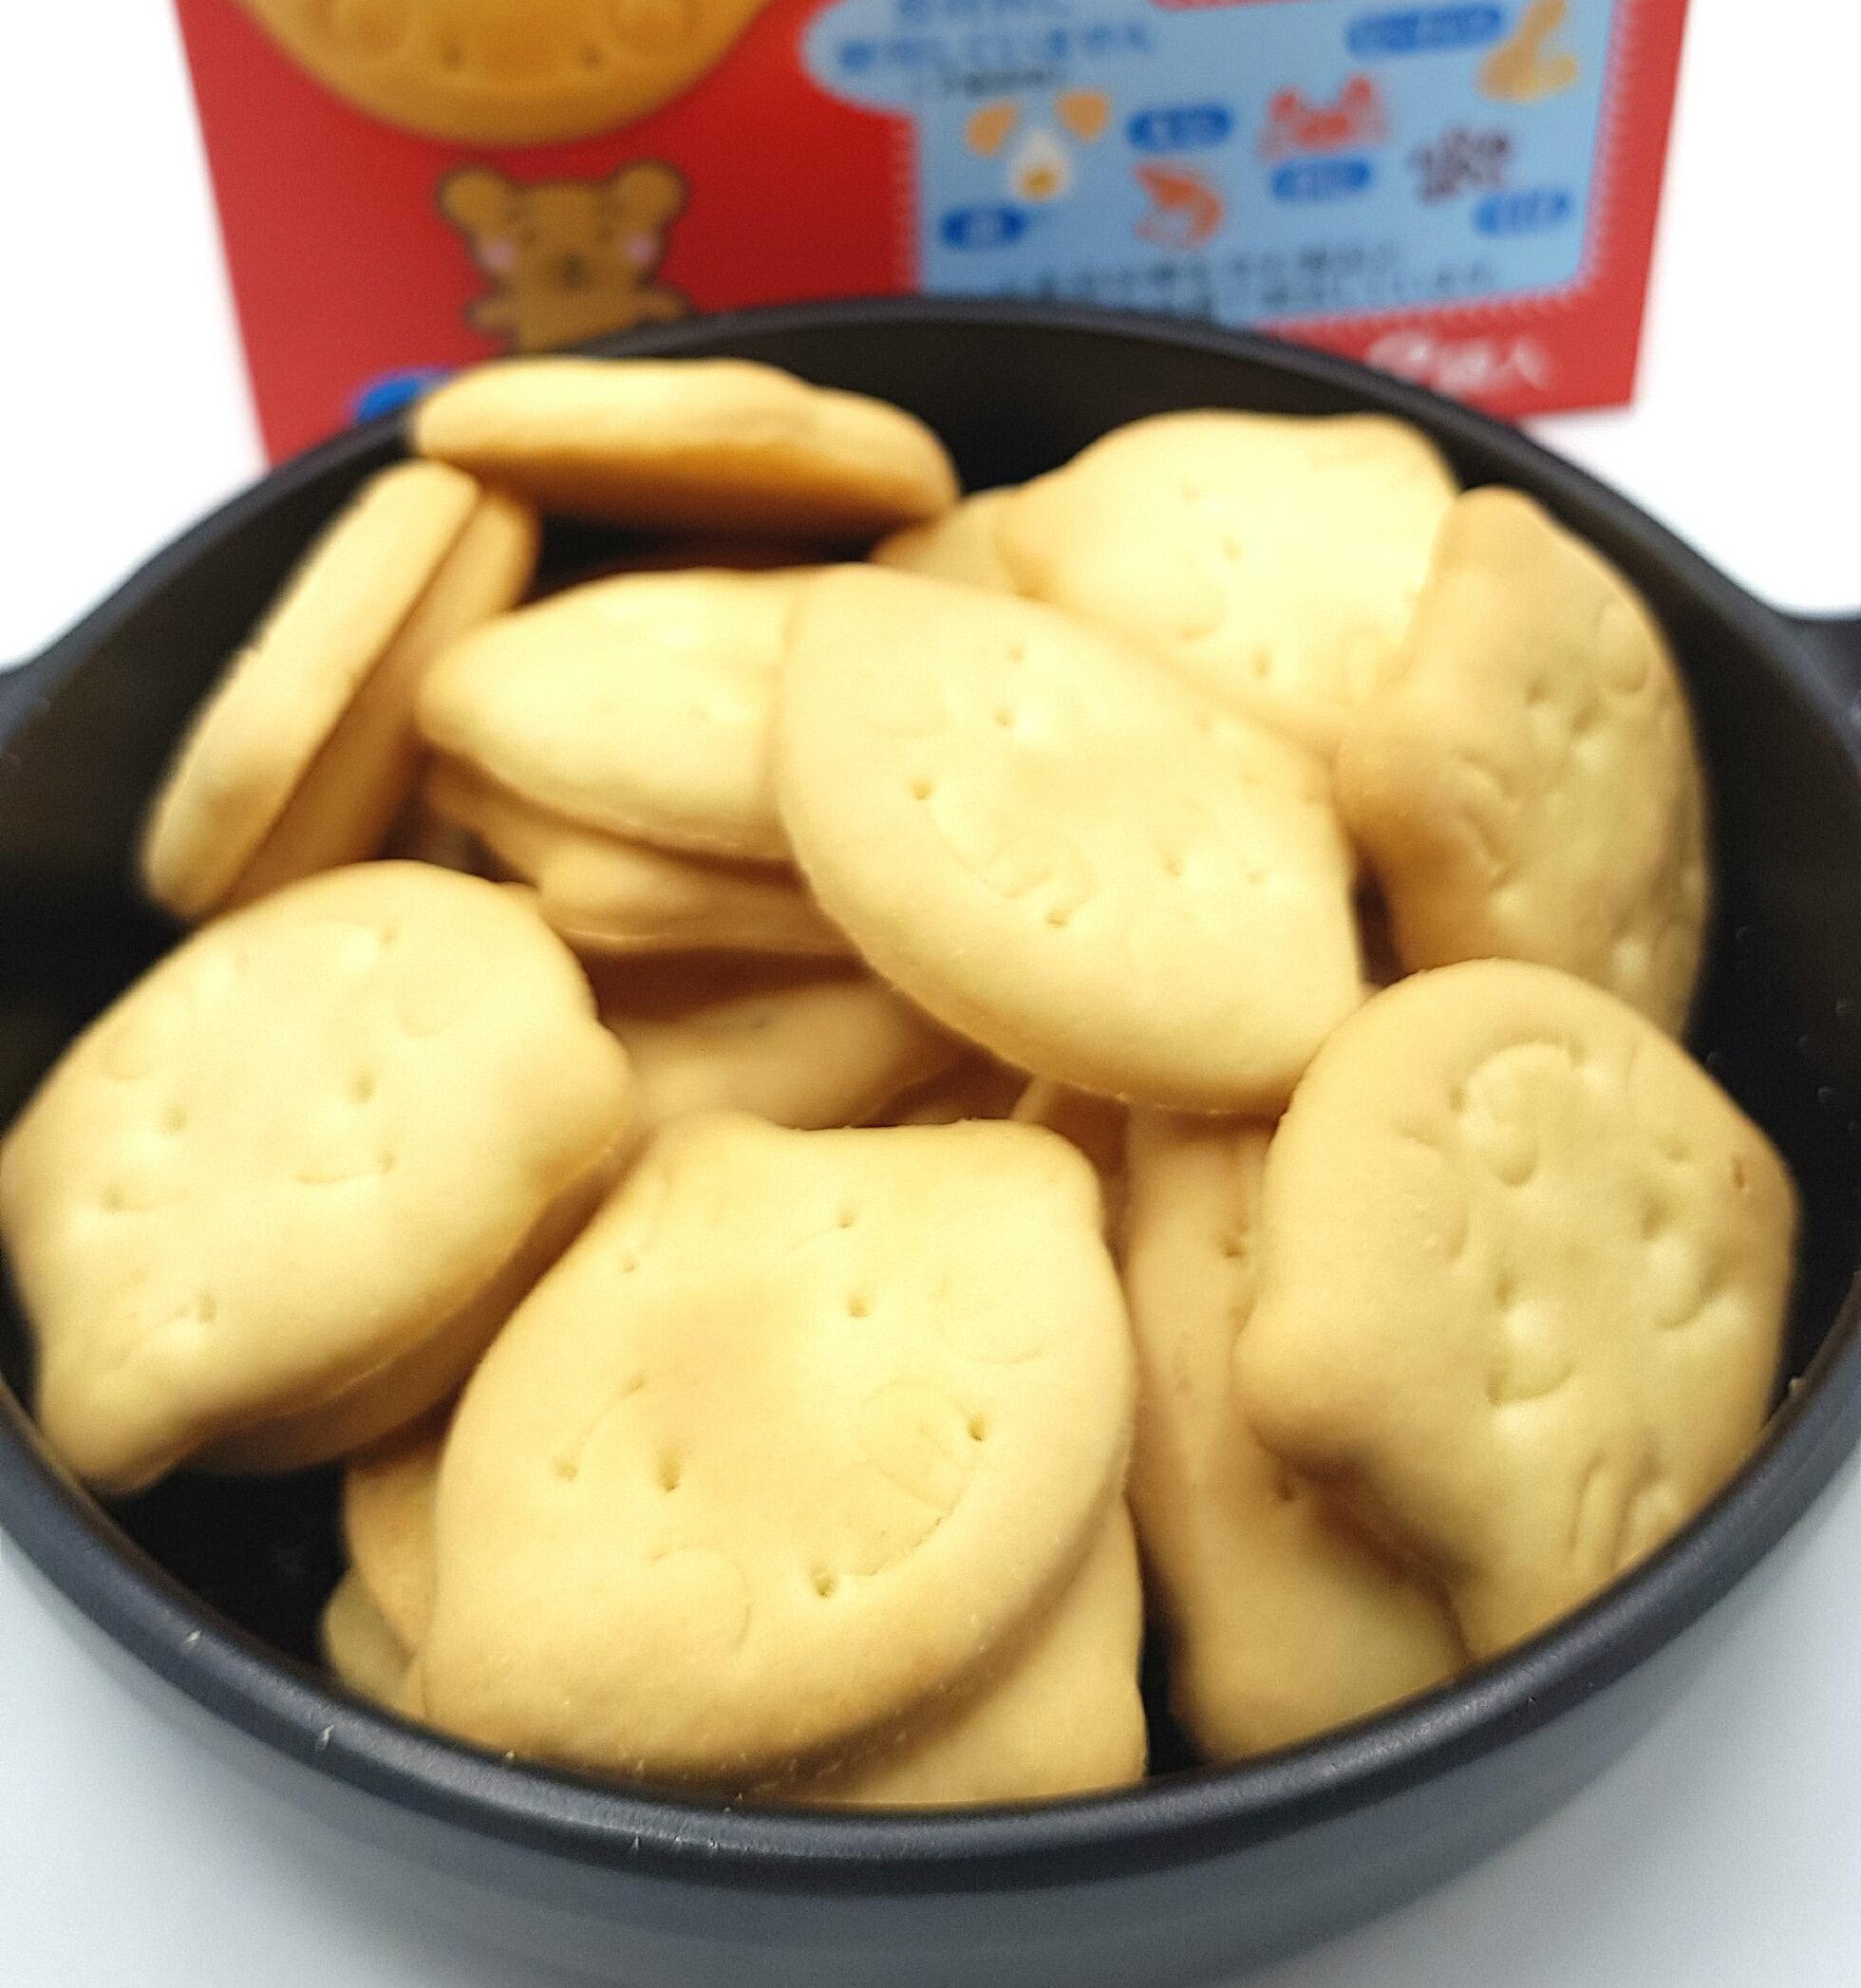 《Chara 微百貨》日本 森永 寶寶 幼兒 嬰兒 營養 點心 威化酥 蛋酥 小饅頭 餅乾 七個月以上 副食品 3